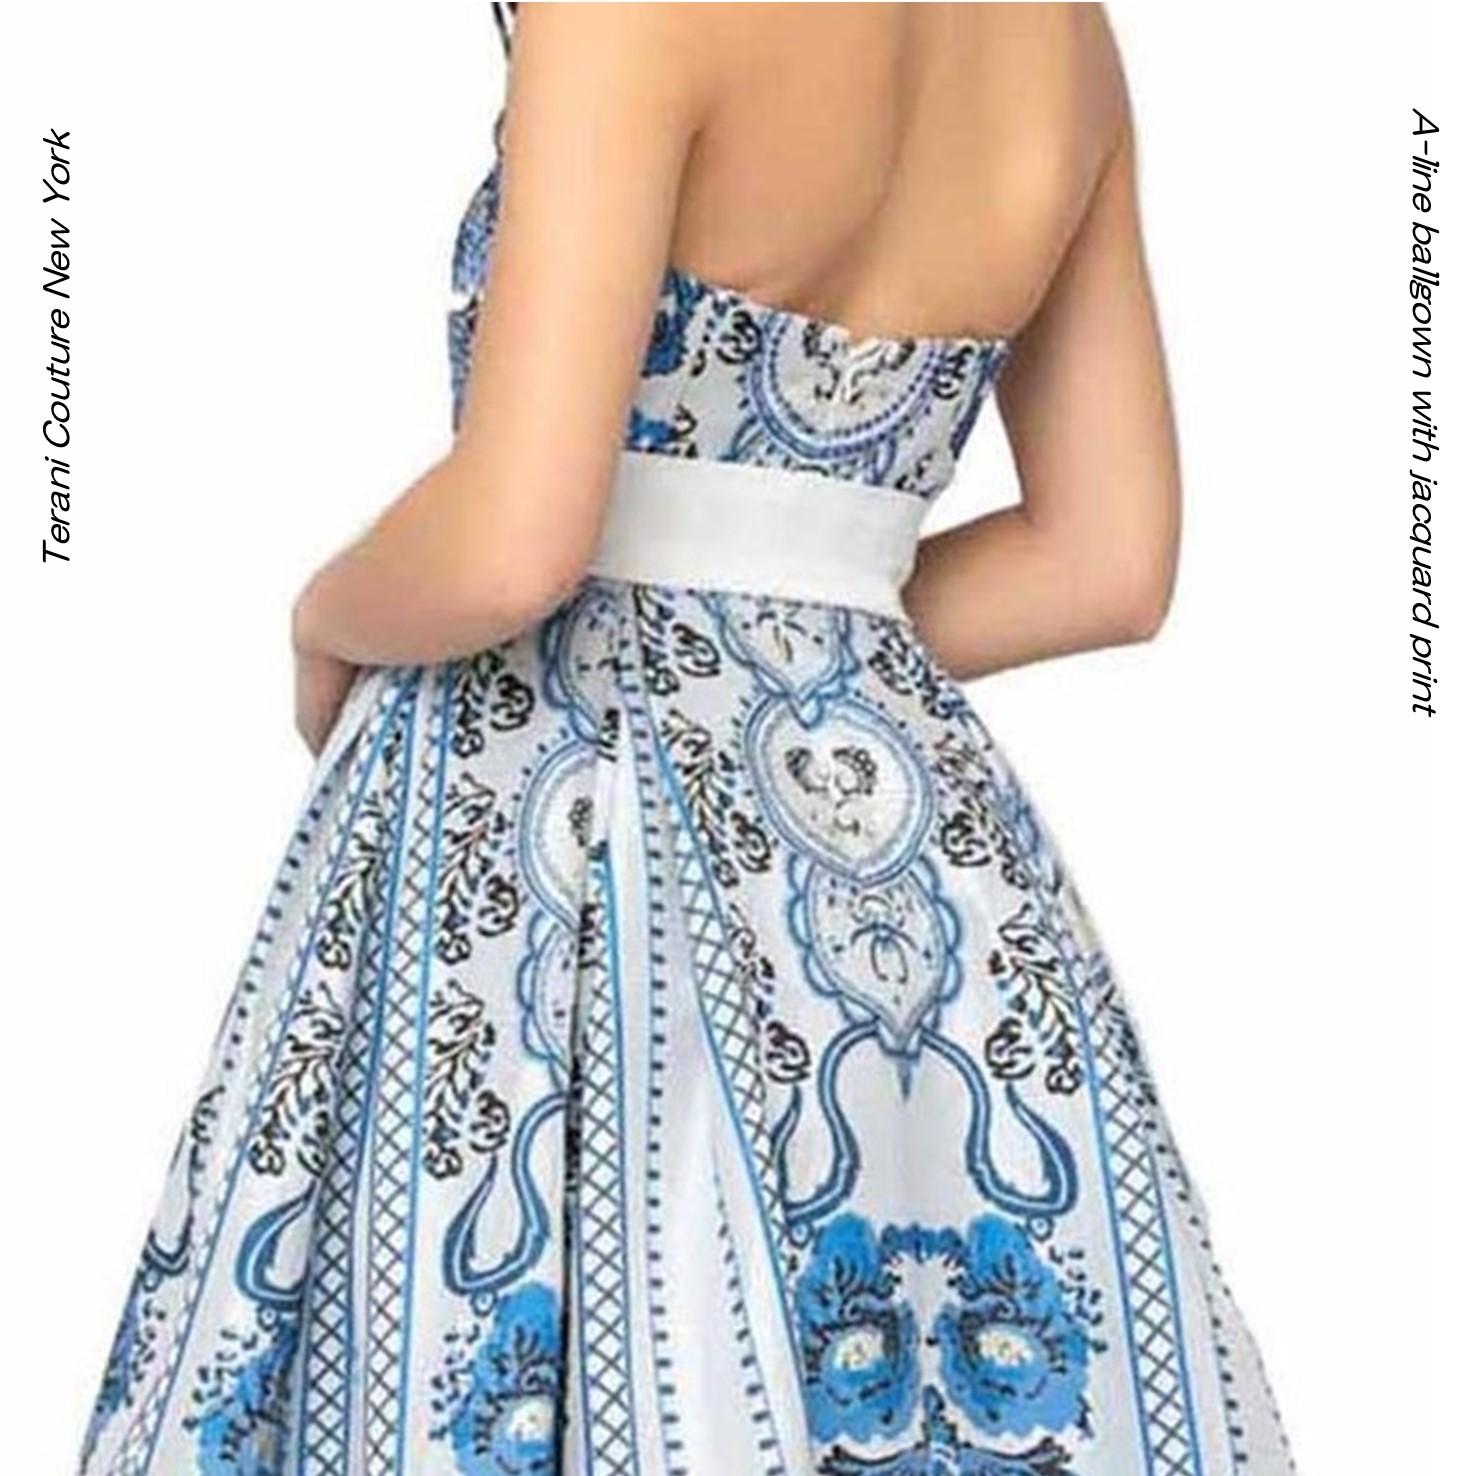 インポートドレス ドレス アラベスク模様 ジャガード ホワイト シルバー マルチカラー ベアトップ Aライン  ニューヨーク  TERANI TERANICOUTURE  ラグジュアリードレス 演奏会ドレス ピアノ演奏 ステージドレス 発表会ドレス